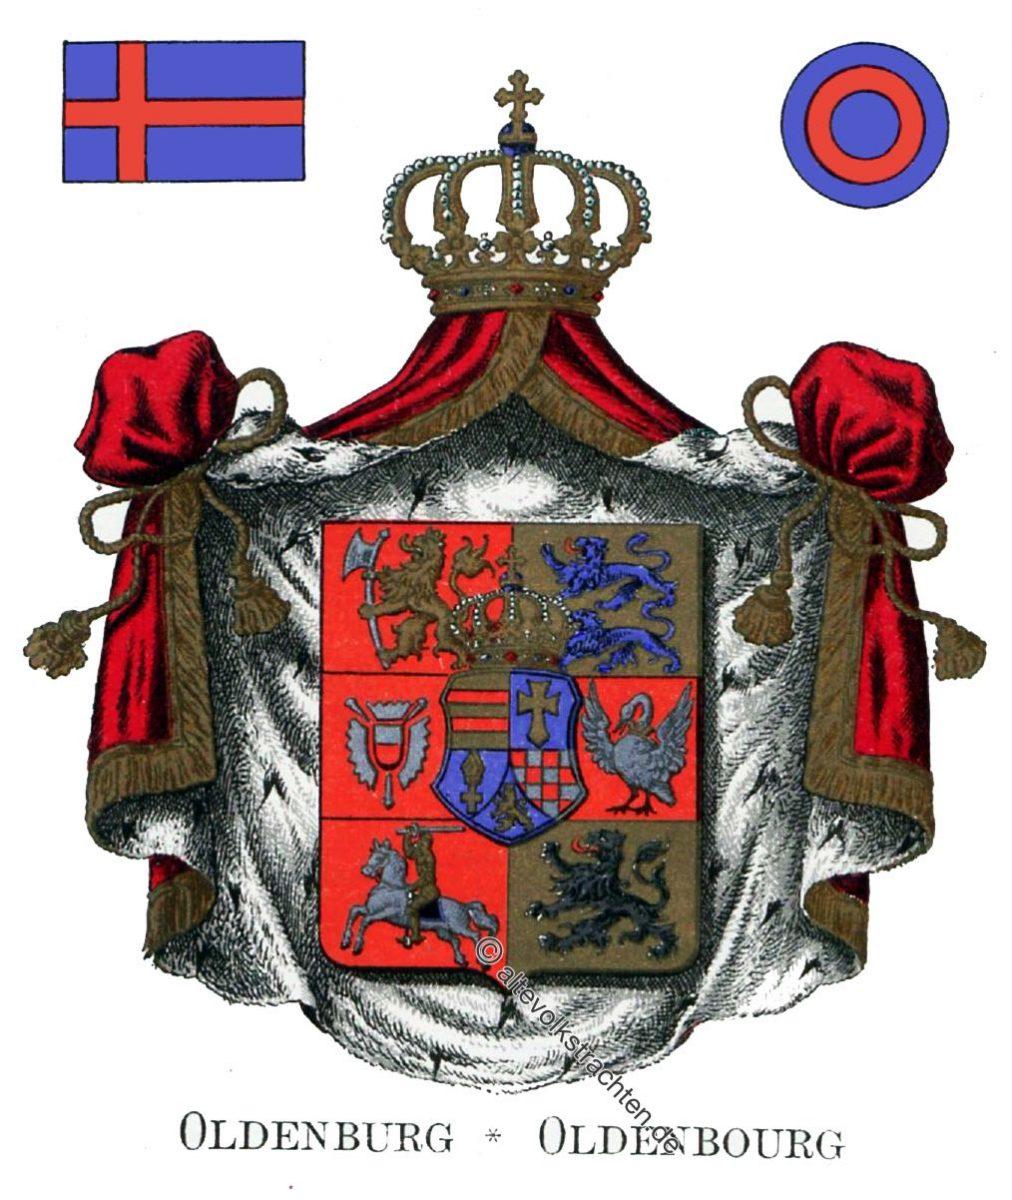 Oldenburg, Oldenbourg, Staatswappen, Wappen, Heraldik, Deutschland, Landesflaggen, Cocarden,